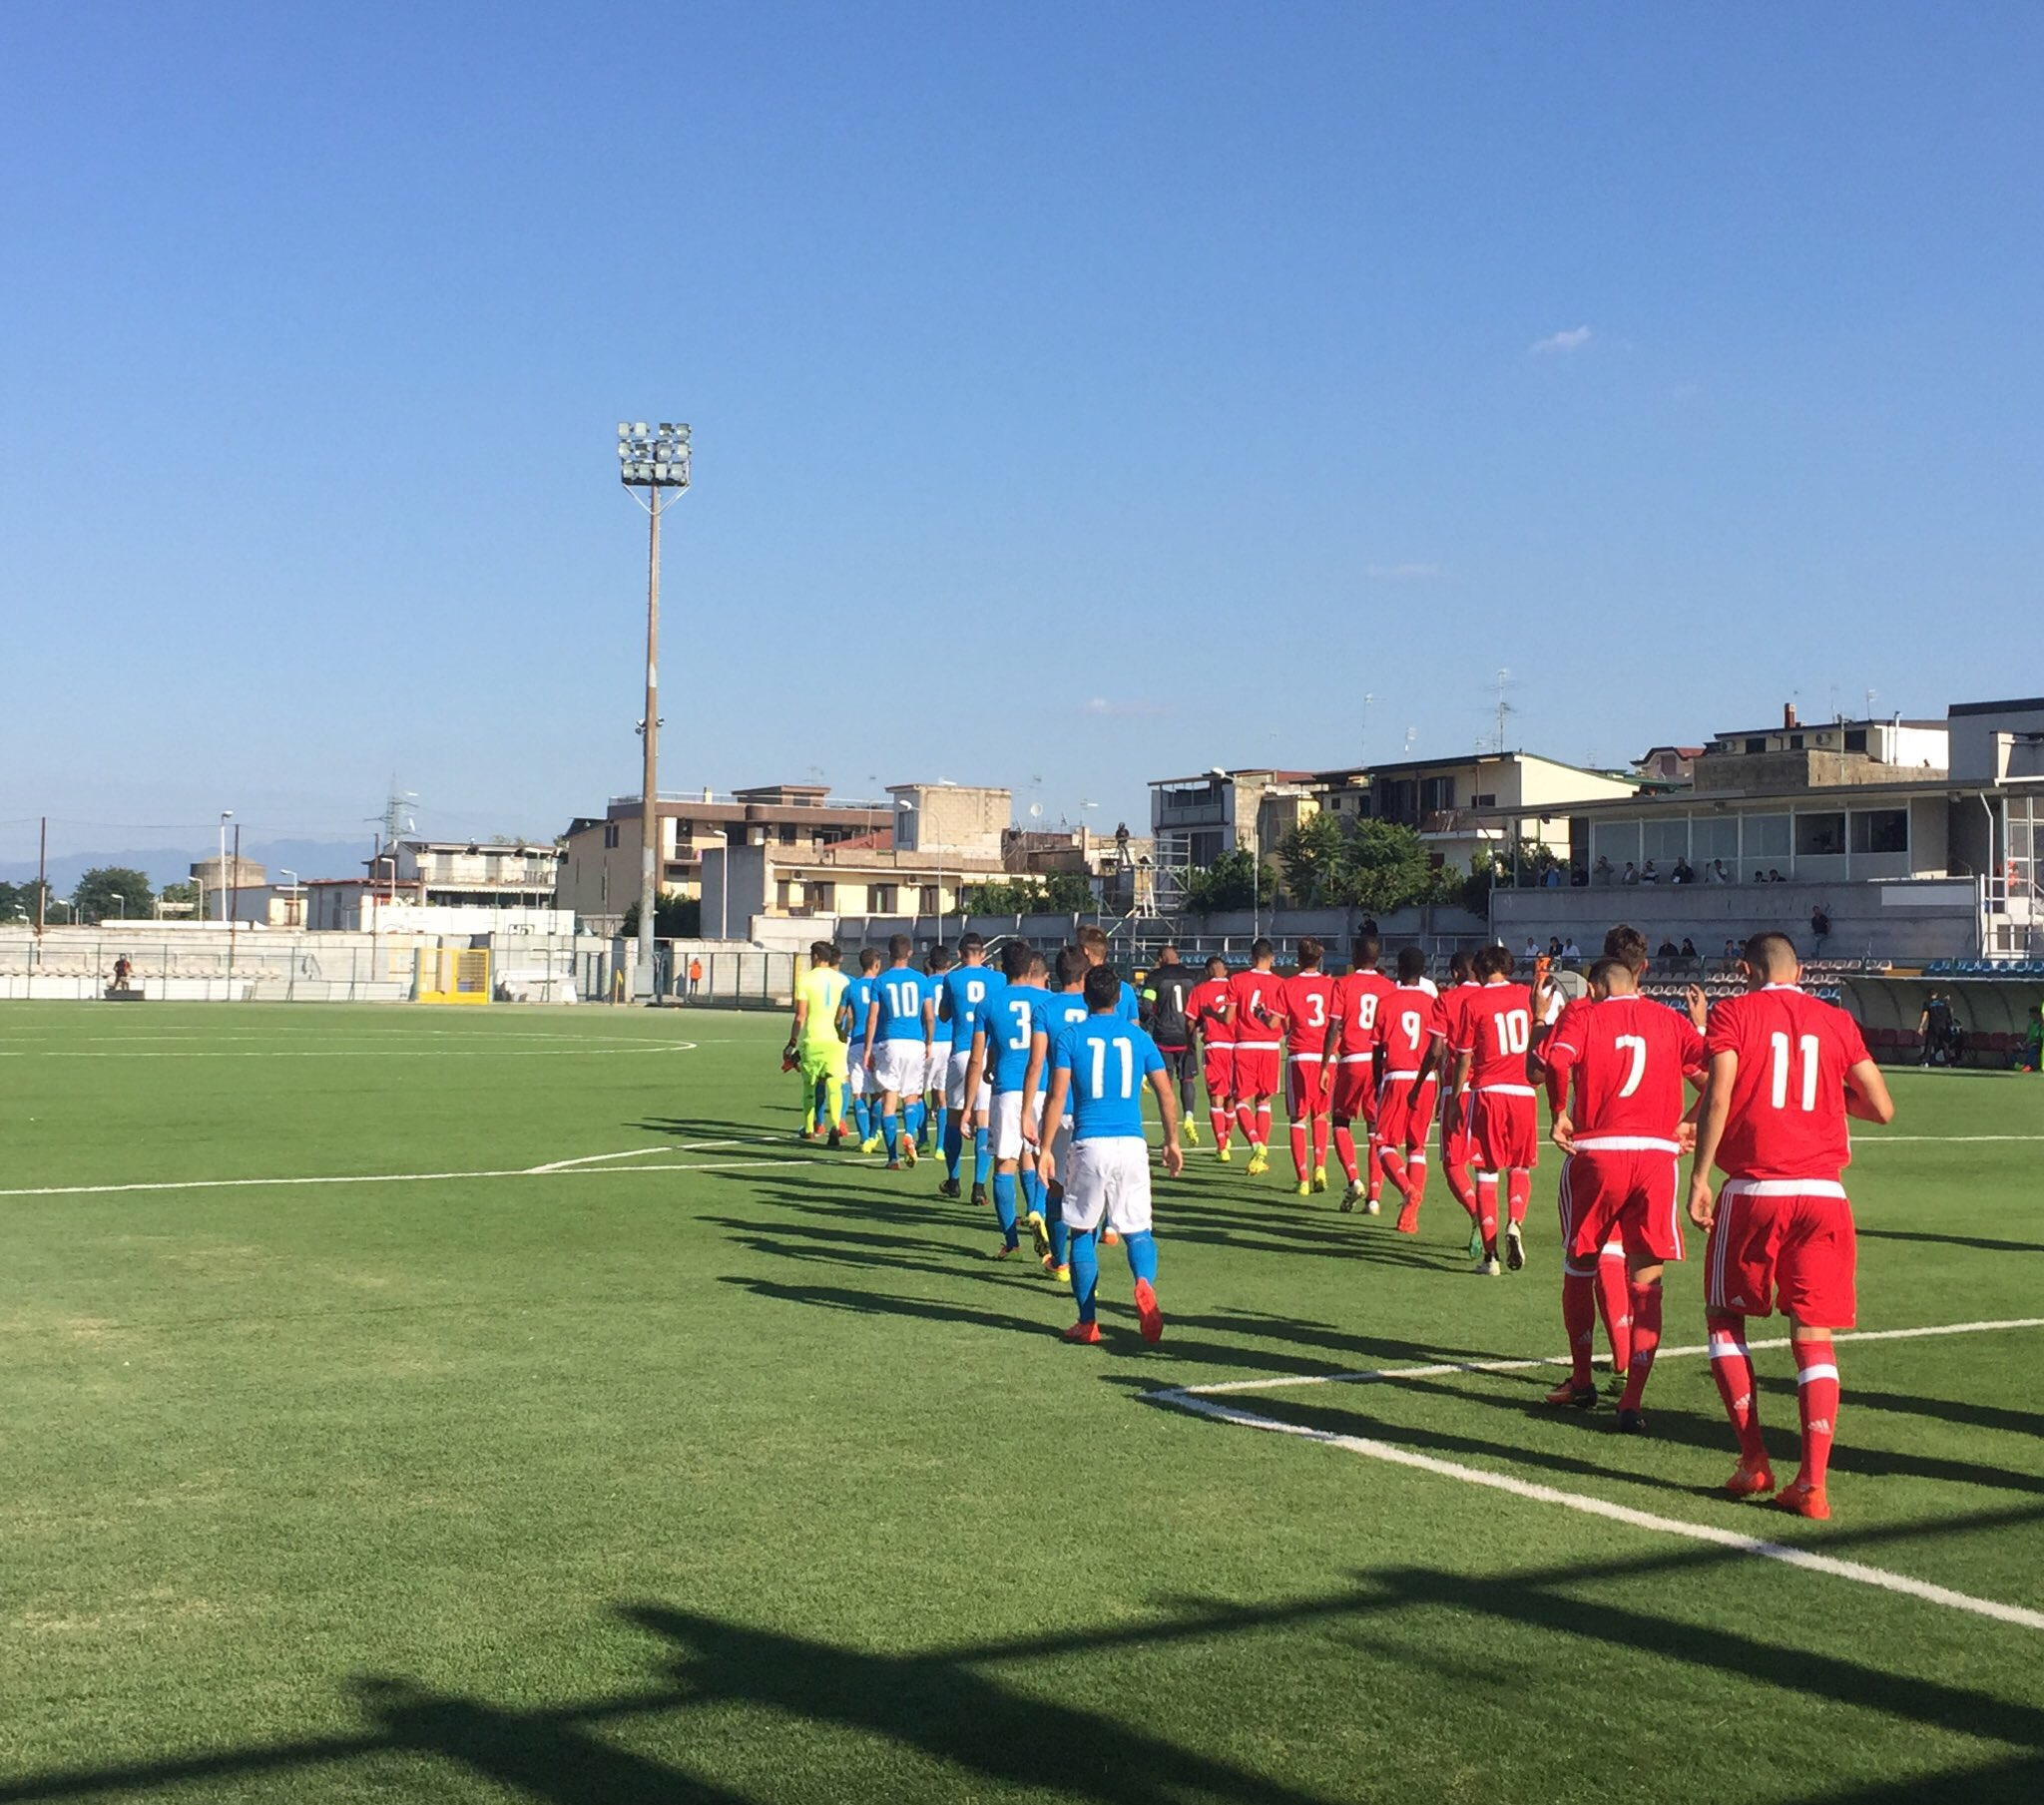 Youth League, Napoli col cuore ma non basta: il Benfica vince 3-2